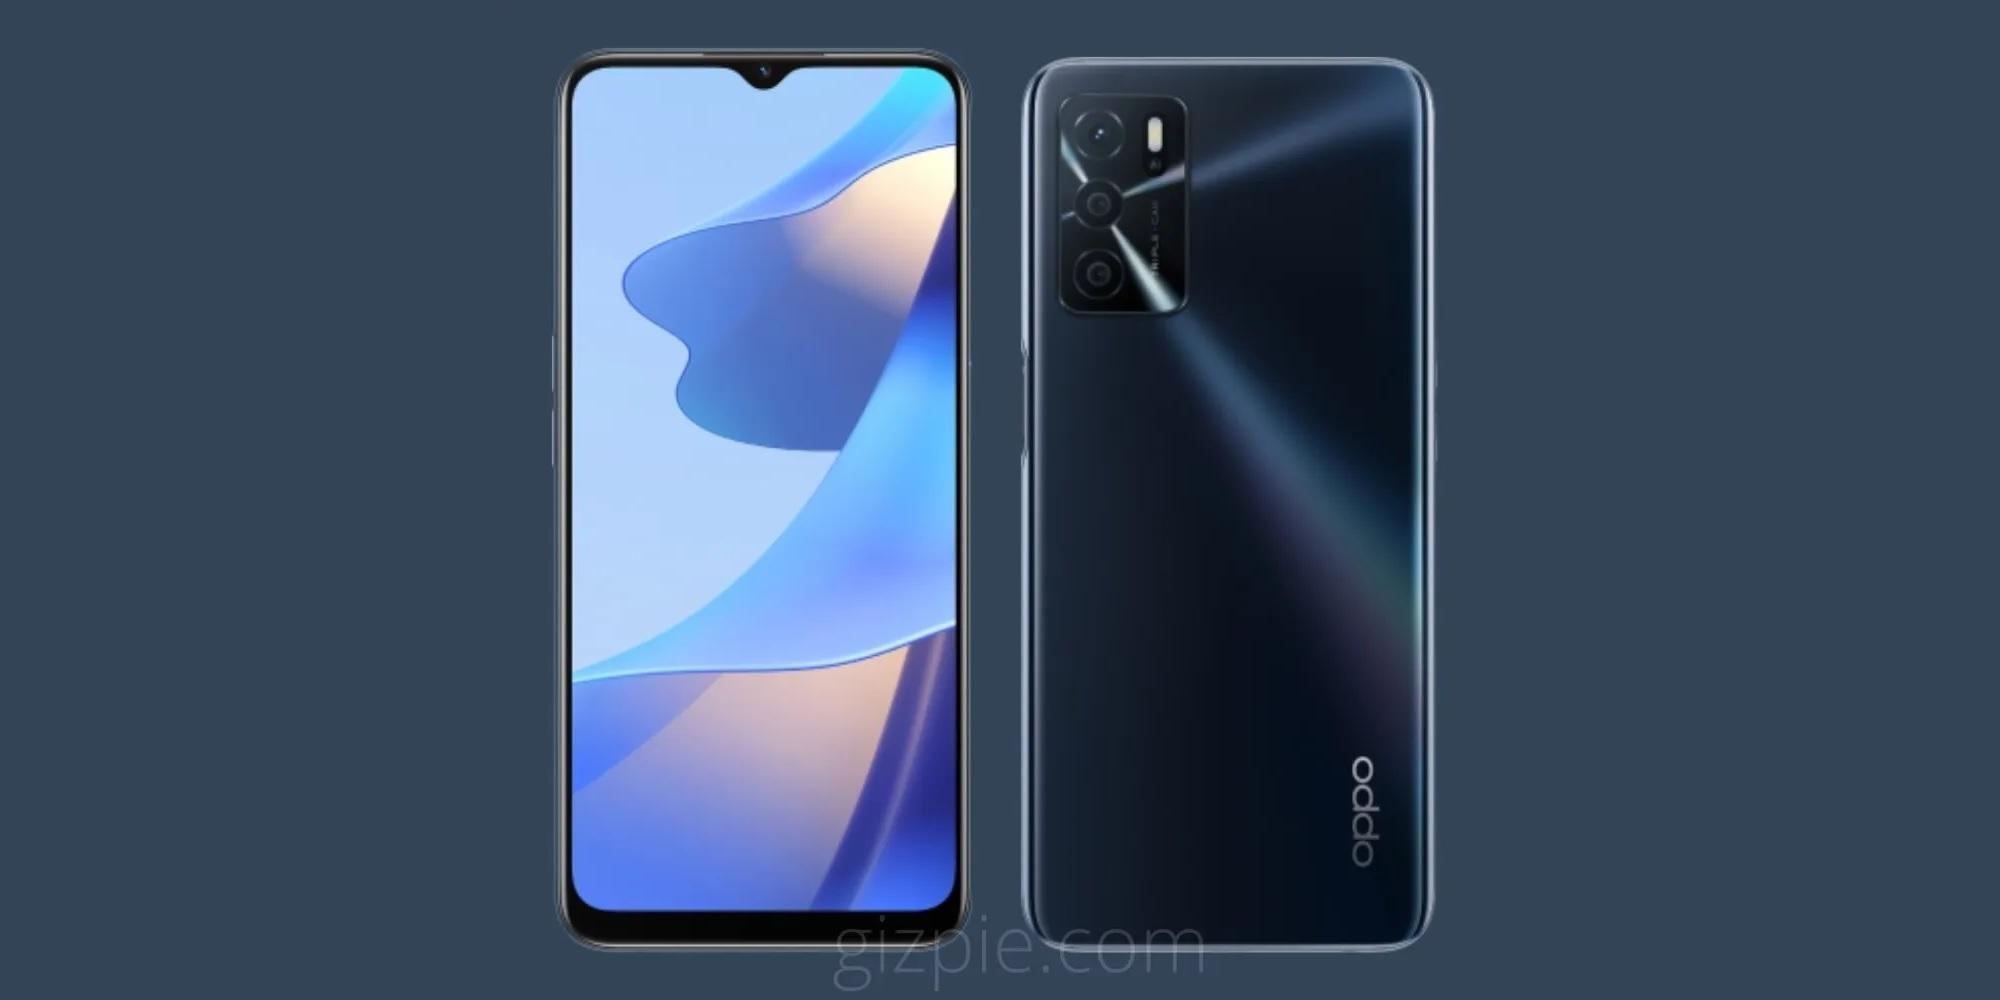 smartfon Oppo A54s smartphone